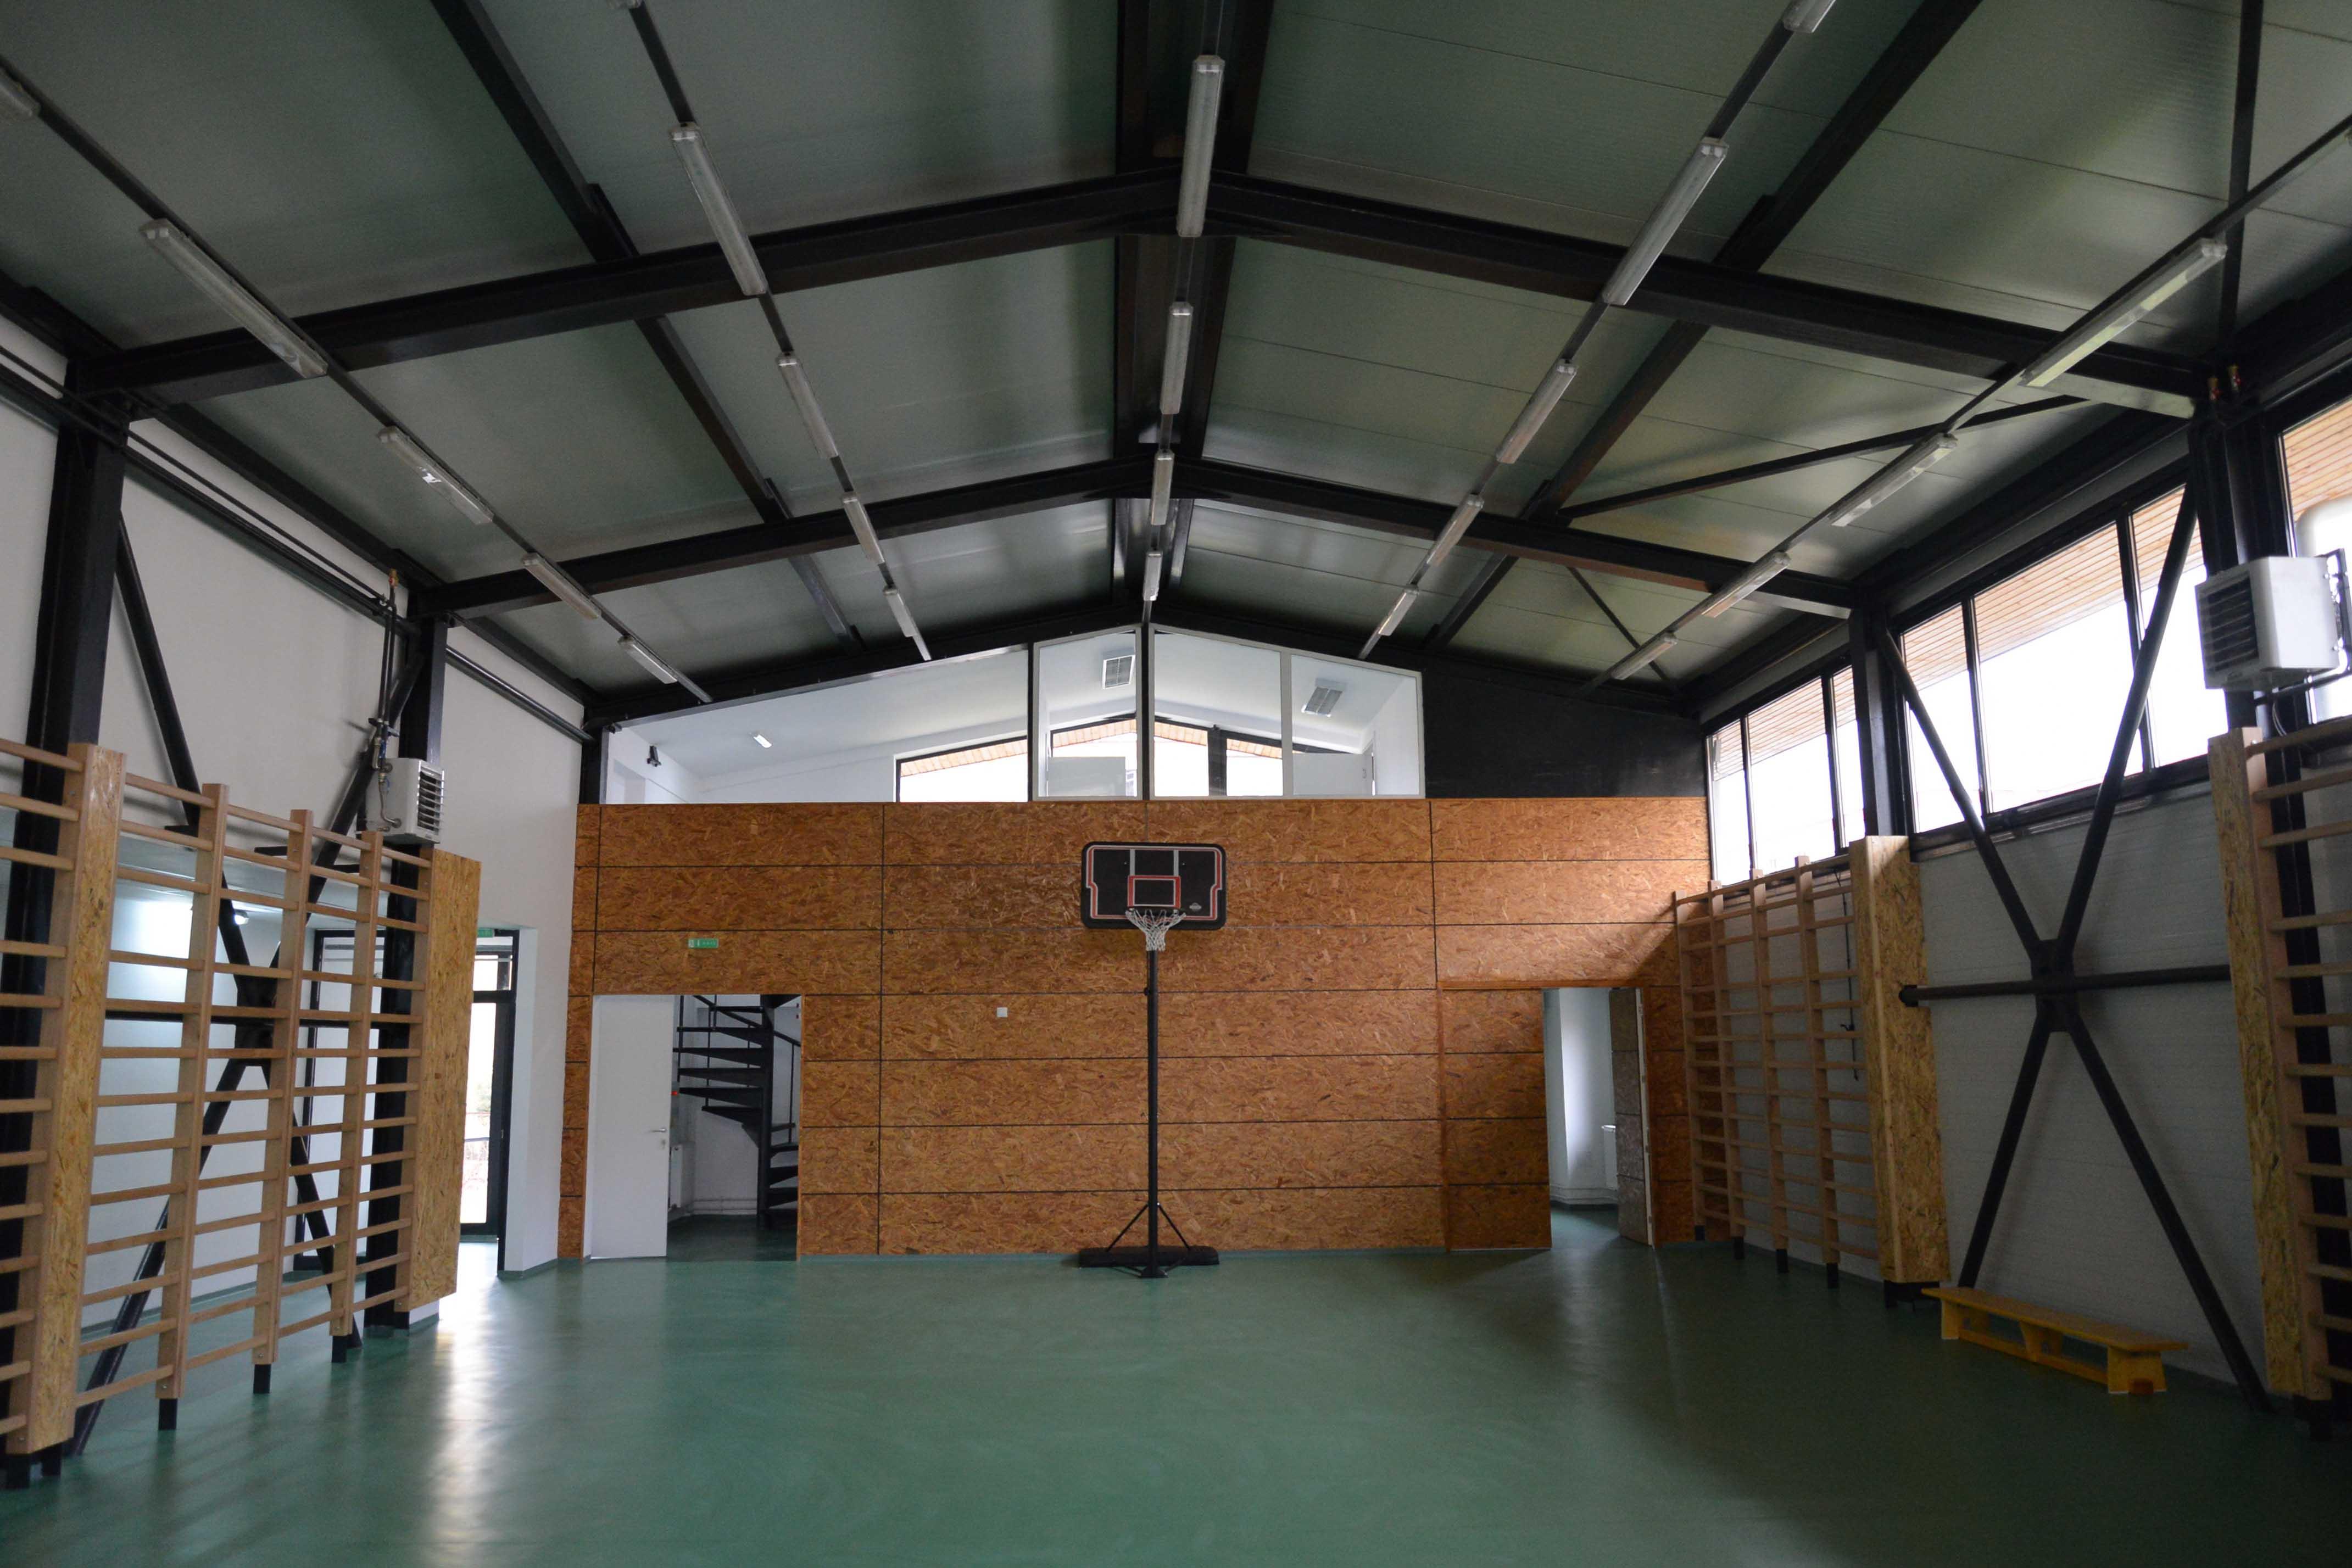 sala de sport și vederea)